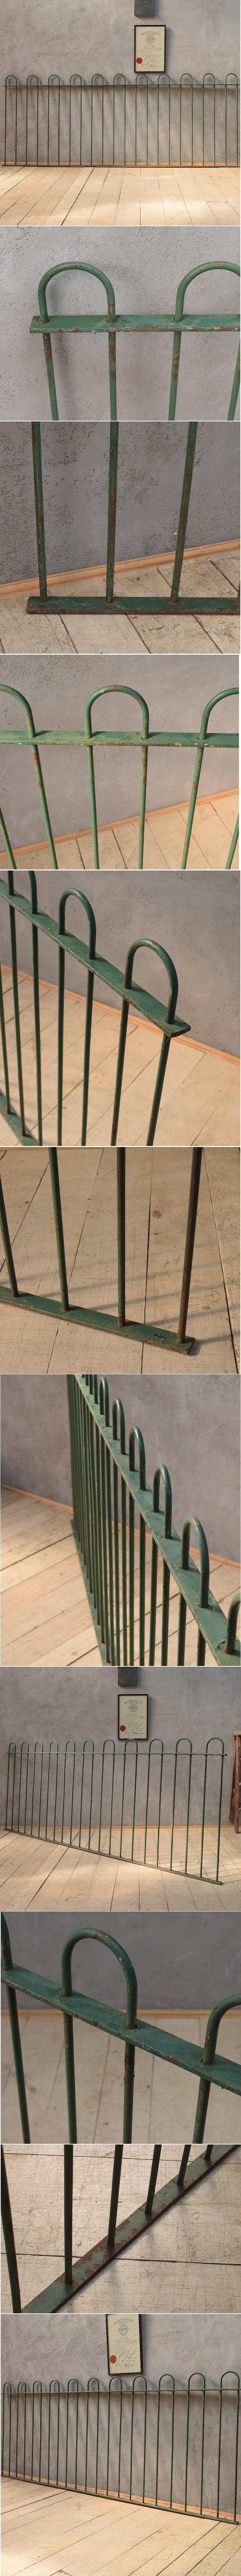 イギリス アンティーク アイアンフェンス ゲート柵 ガーデニング 6591